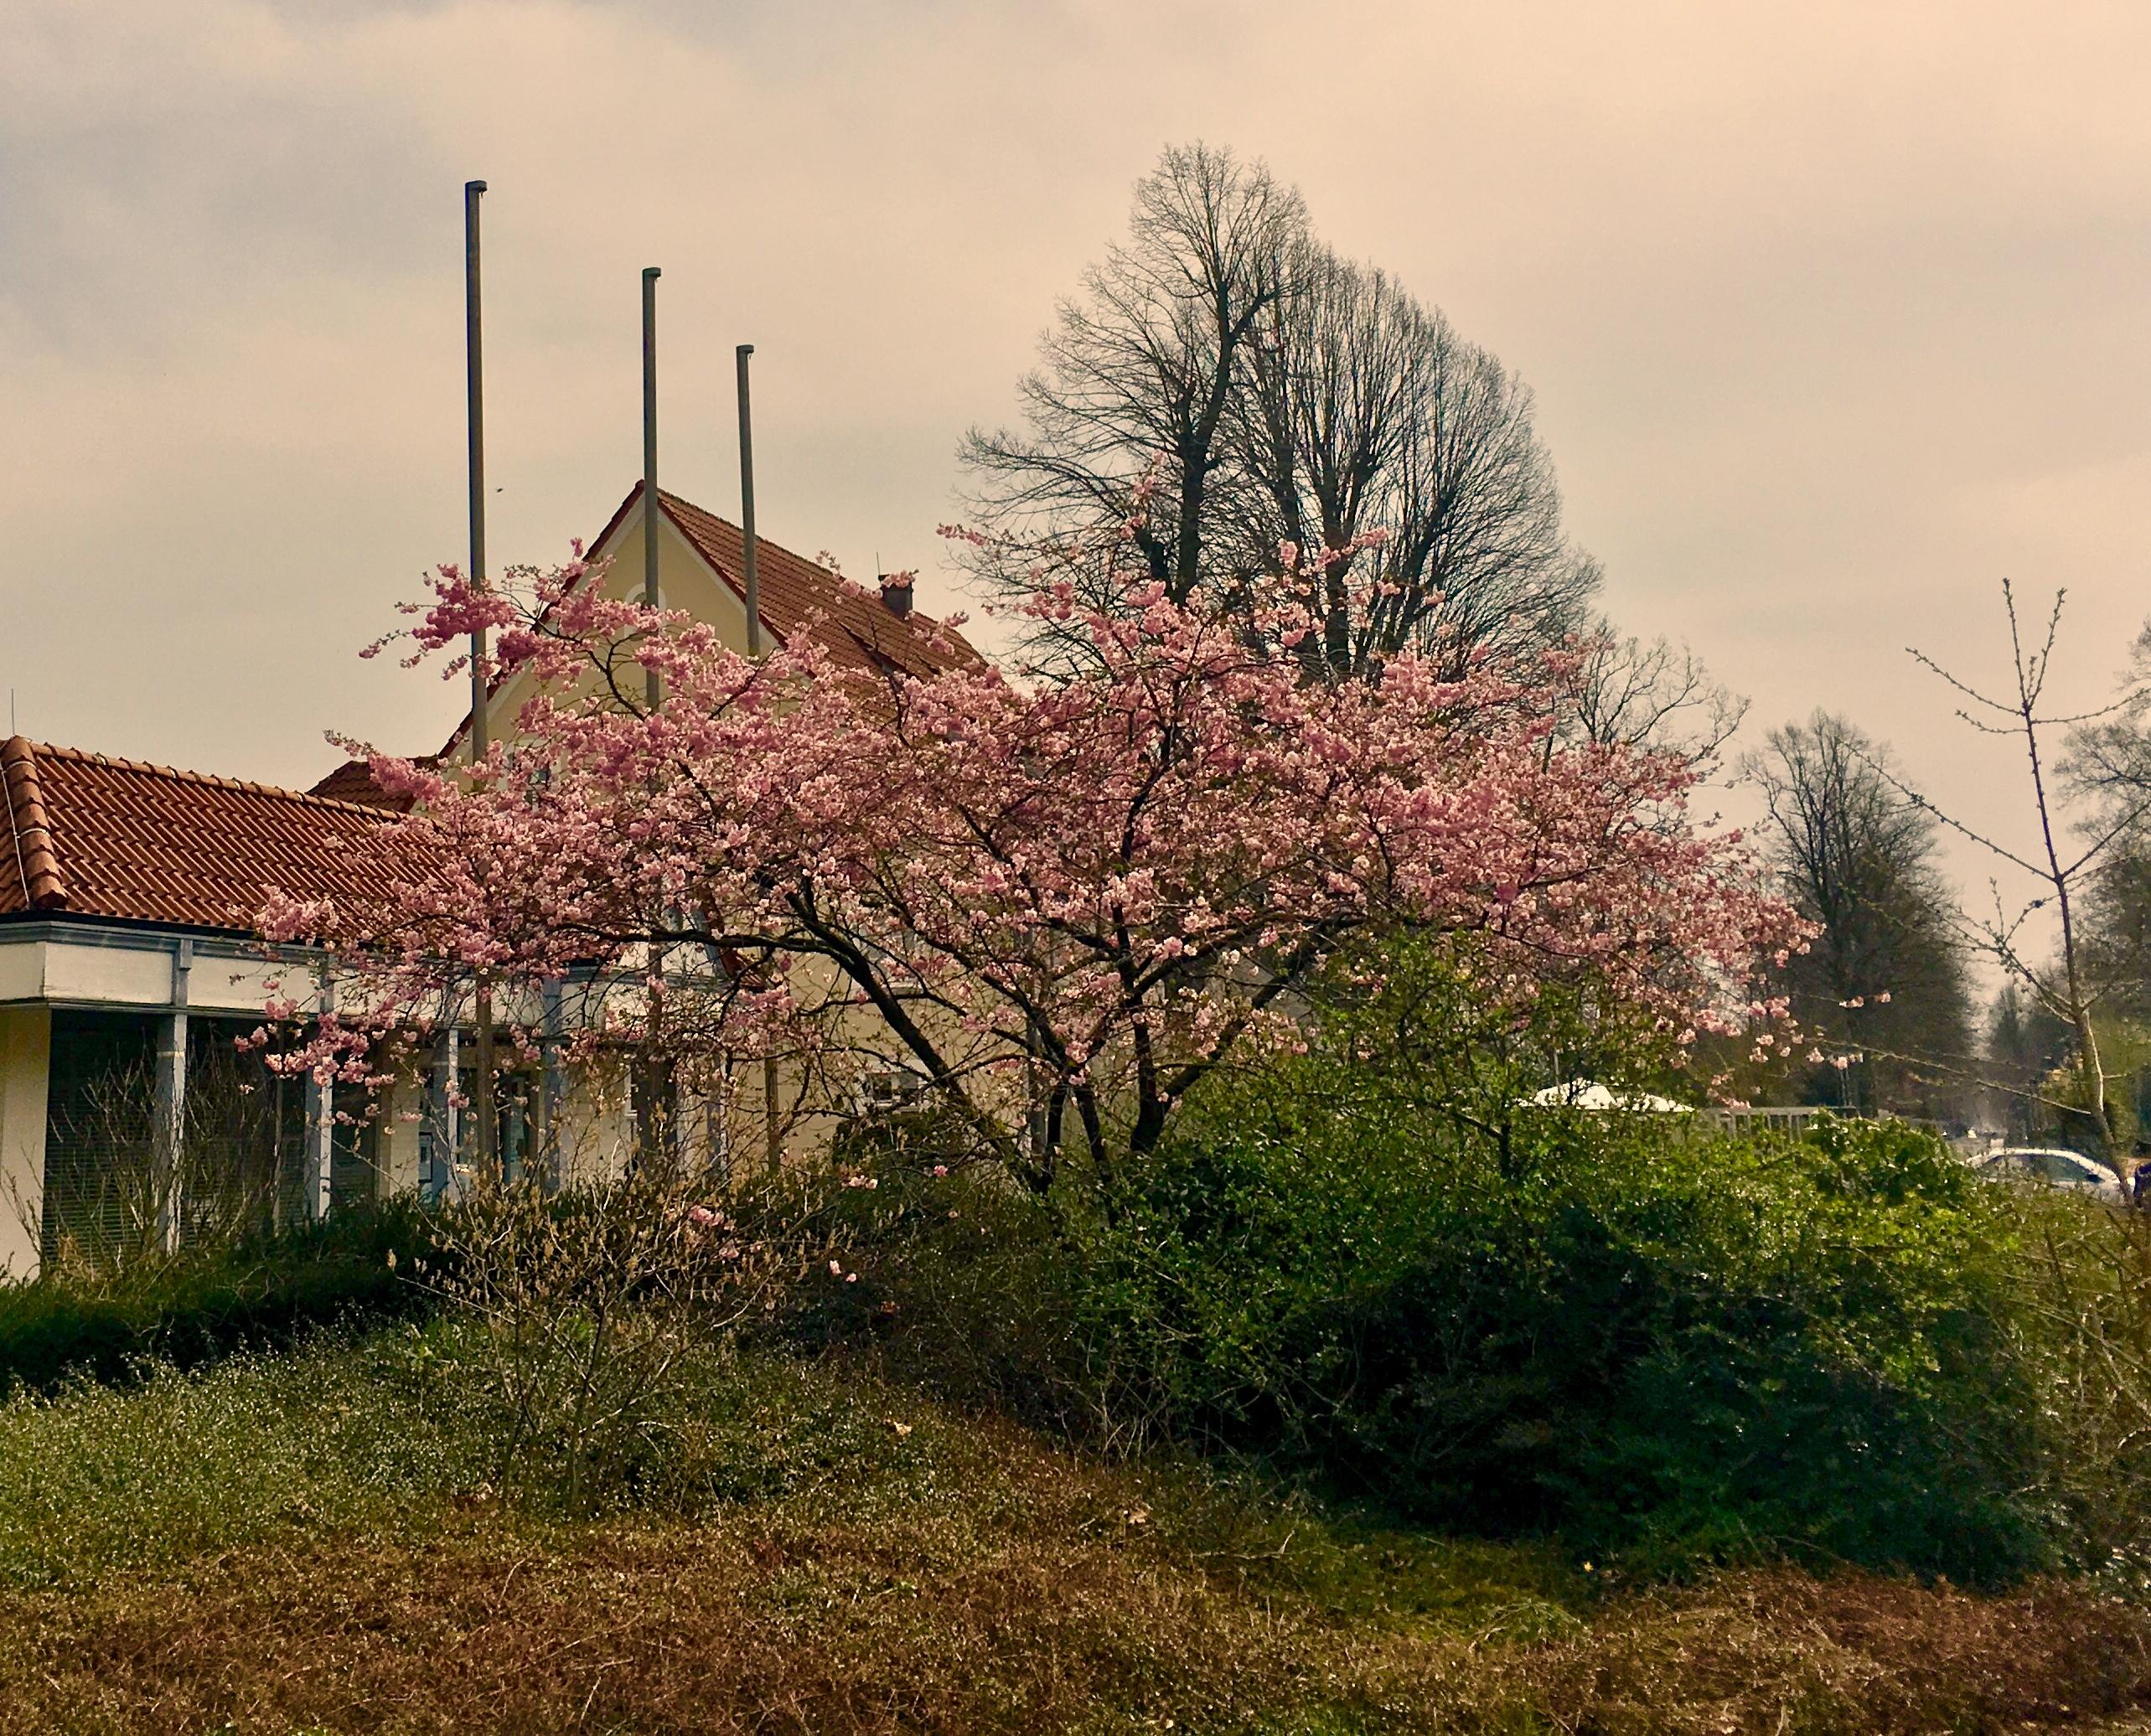 Termine Mai 2018 Lippstadt - Kultur Veranstaltungen Mai Lippstadt in der Nähe vom Hotel